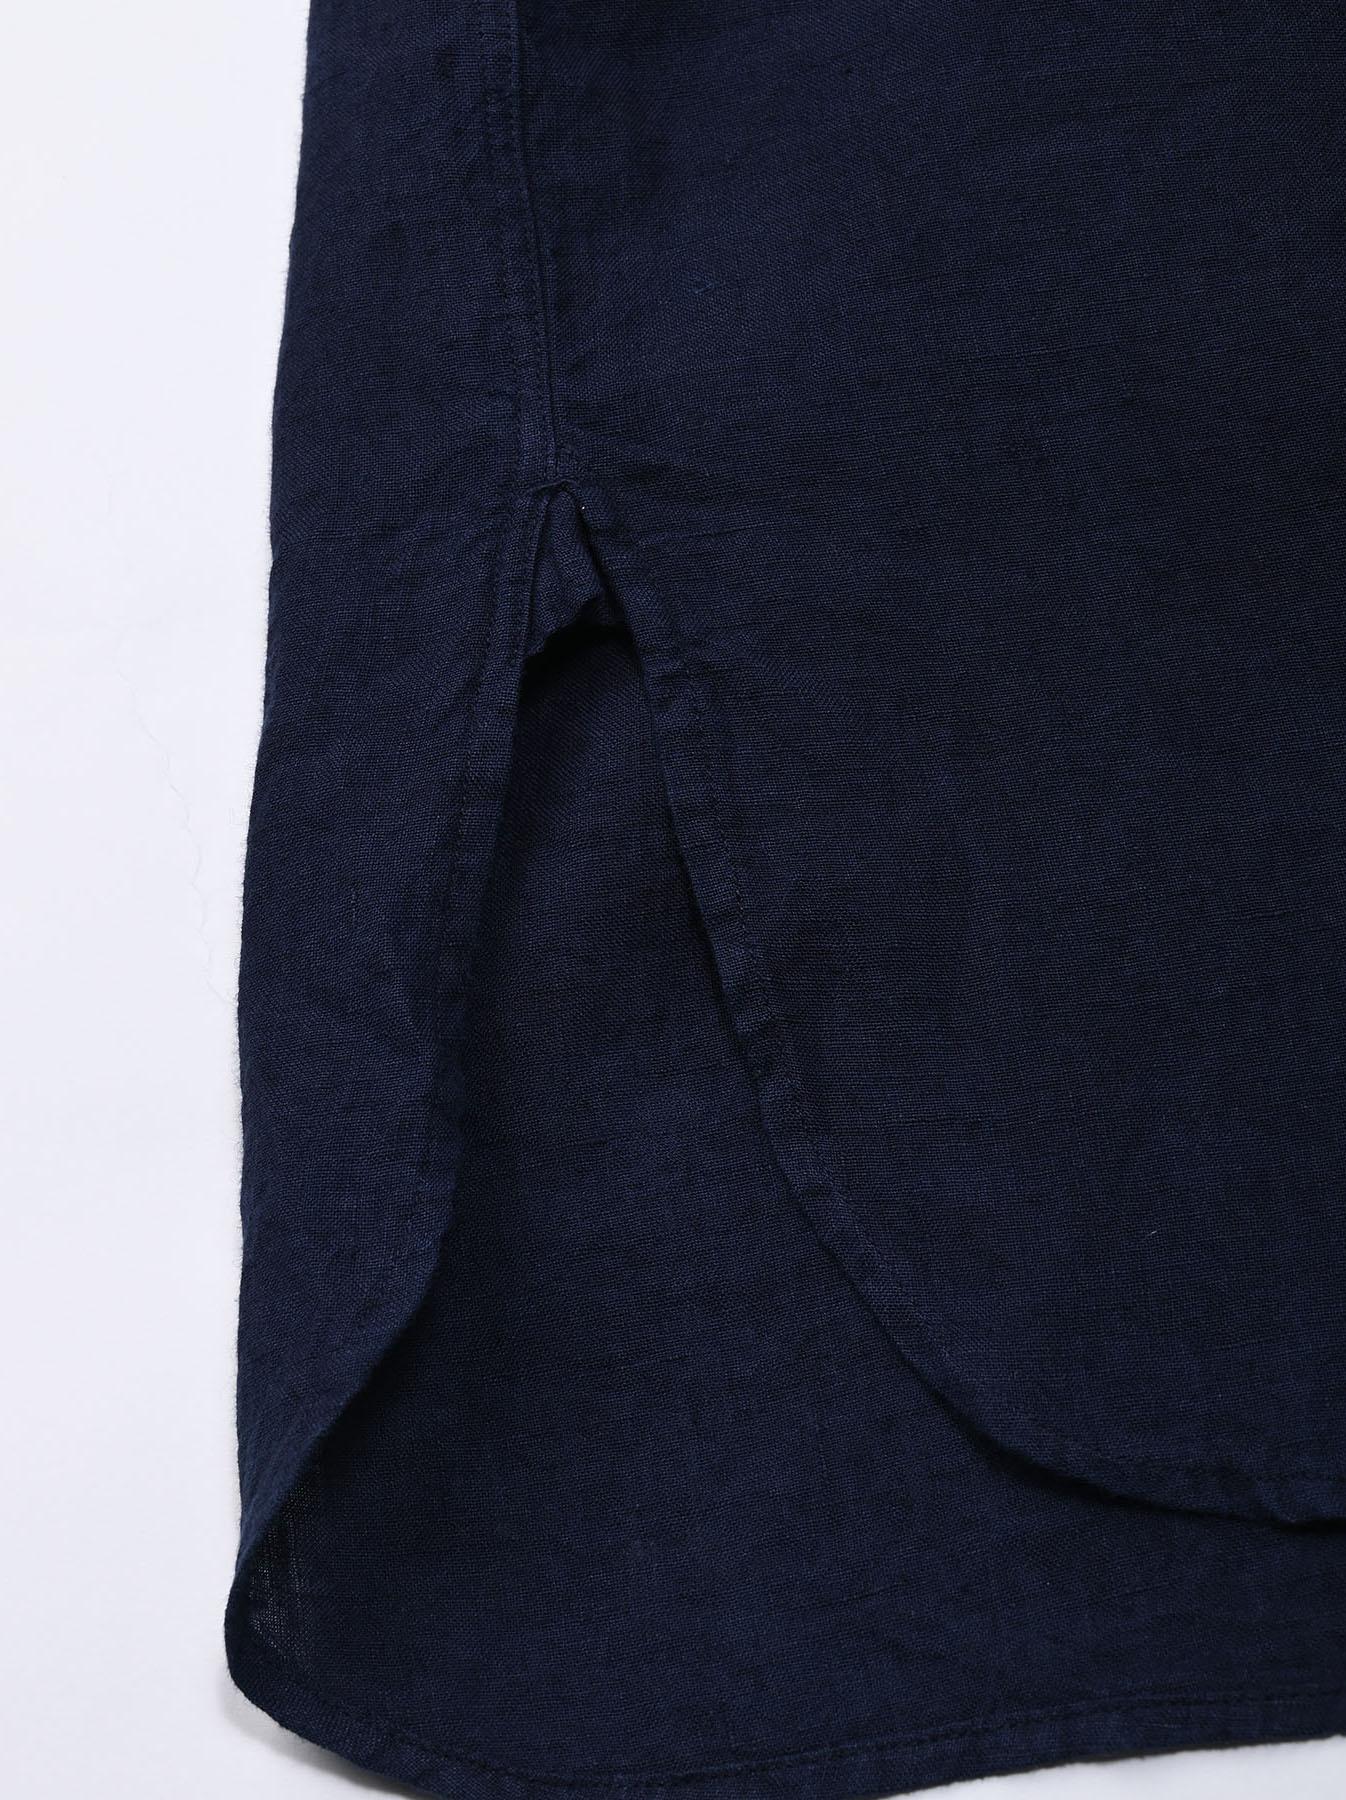 Indigo Indian Linen Flat Big Shirt (0521)-11